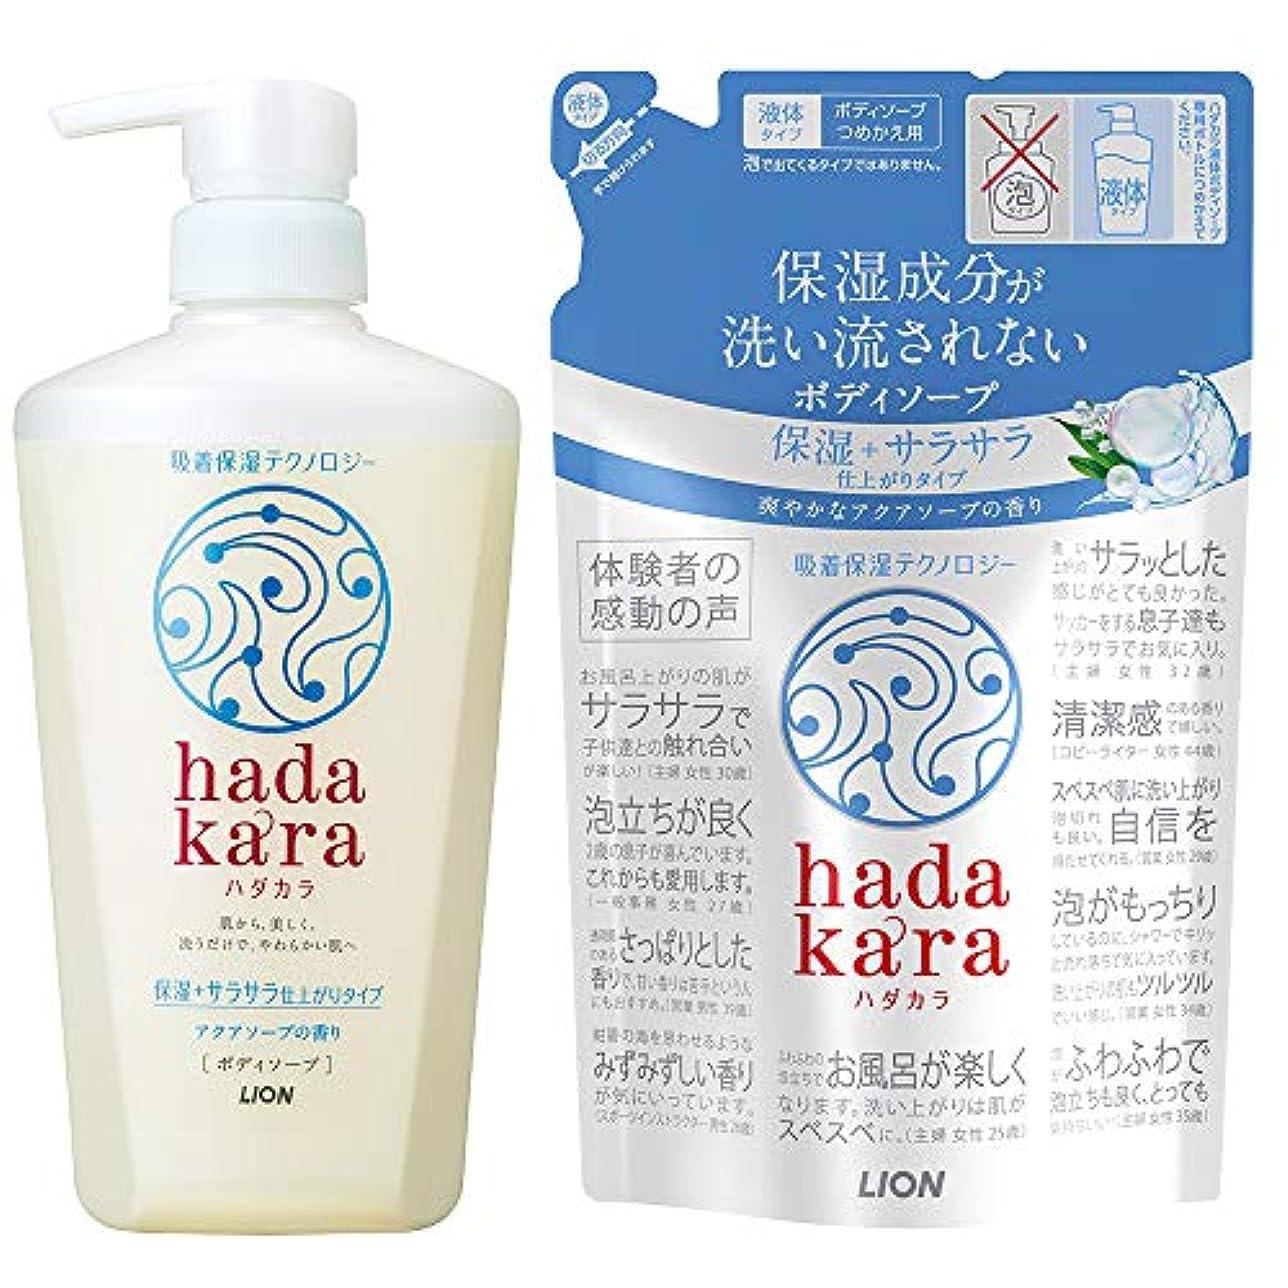 窓を洗う食用コンパニオンhadakara(ハダカラ) ボディソープ 保湿+サラサラ仕上がりタイプ アクアソープの香り (本体480ml+つめかえ340ml) アクアソープ(保湿+サラサラ仕上がり) +